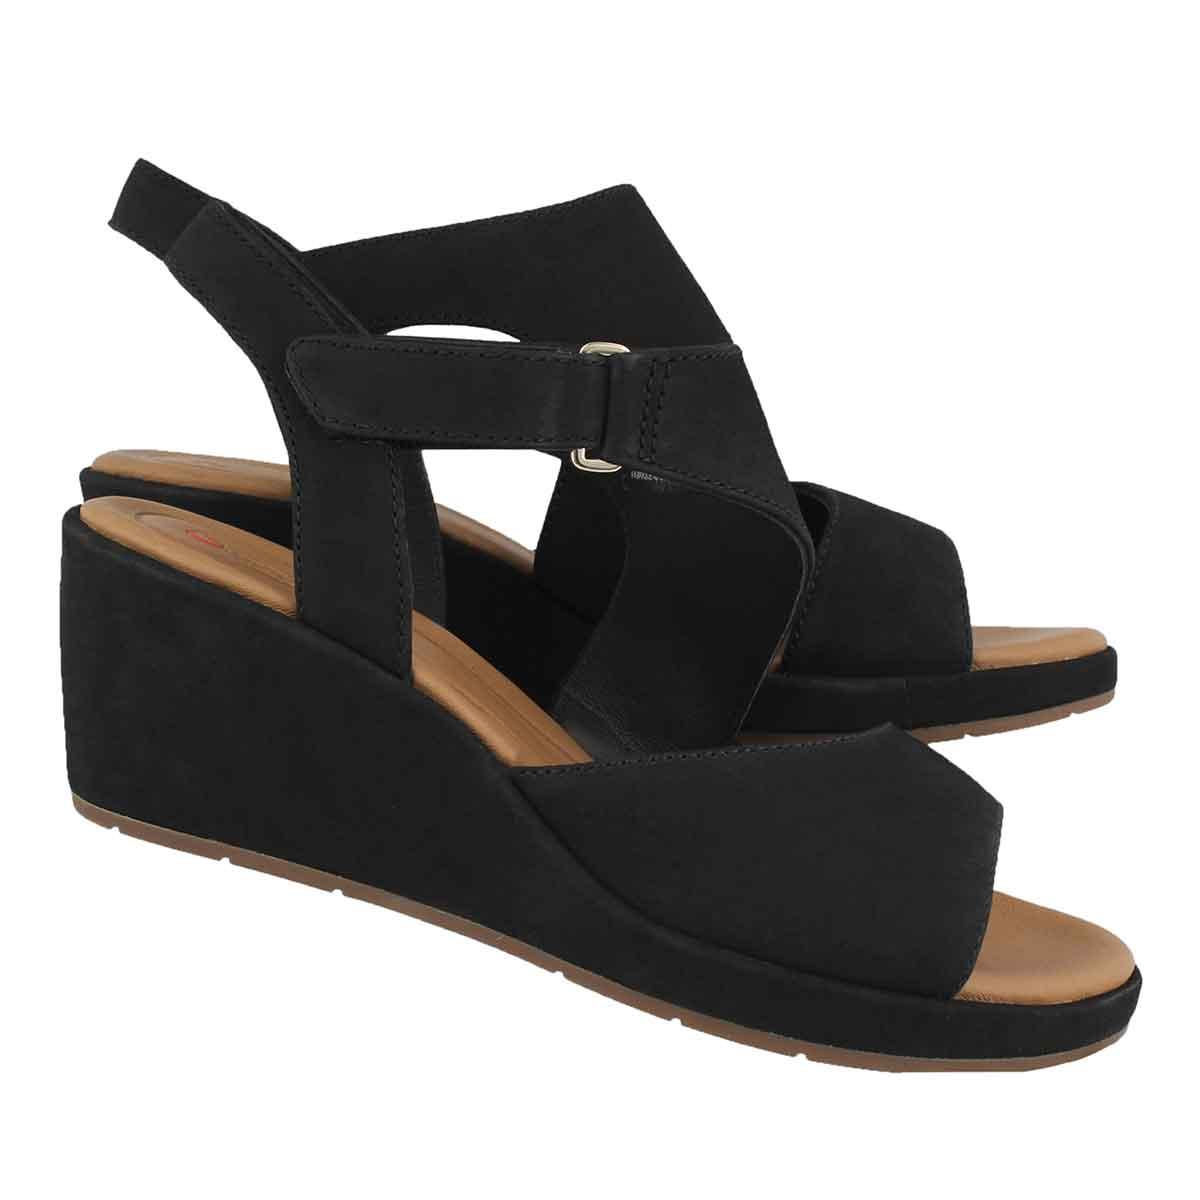 Lds Un Plaza Sling blk wedge sandal